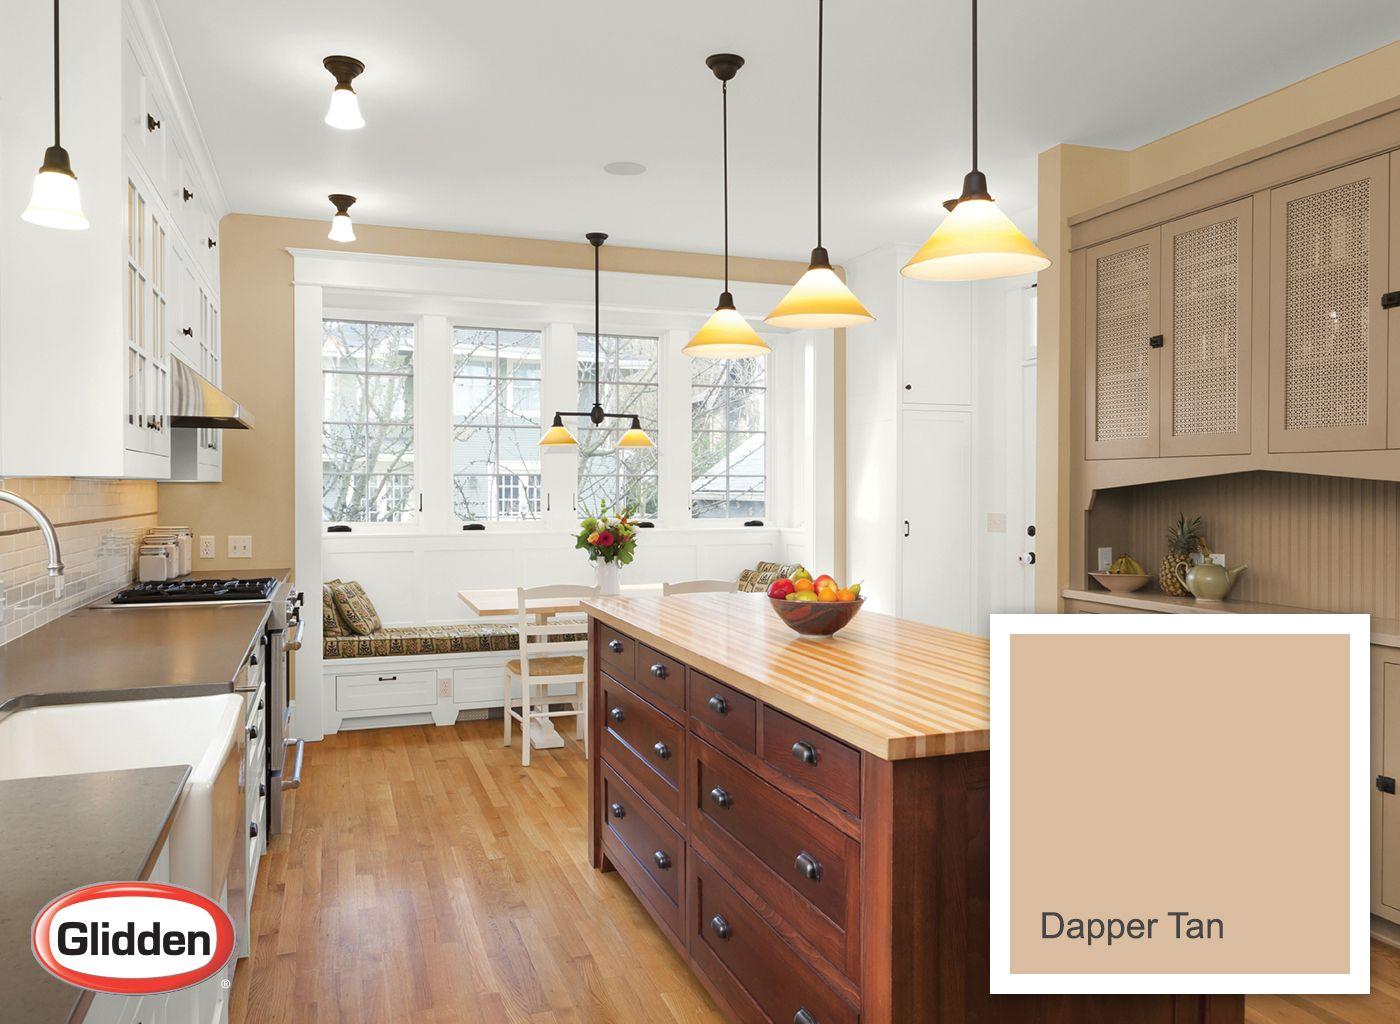 Dapper Tan | Grab N Go | Color | Glidden.com For A Part 69